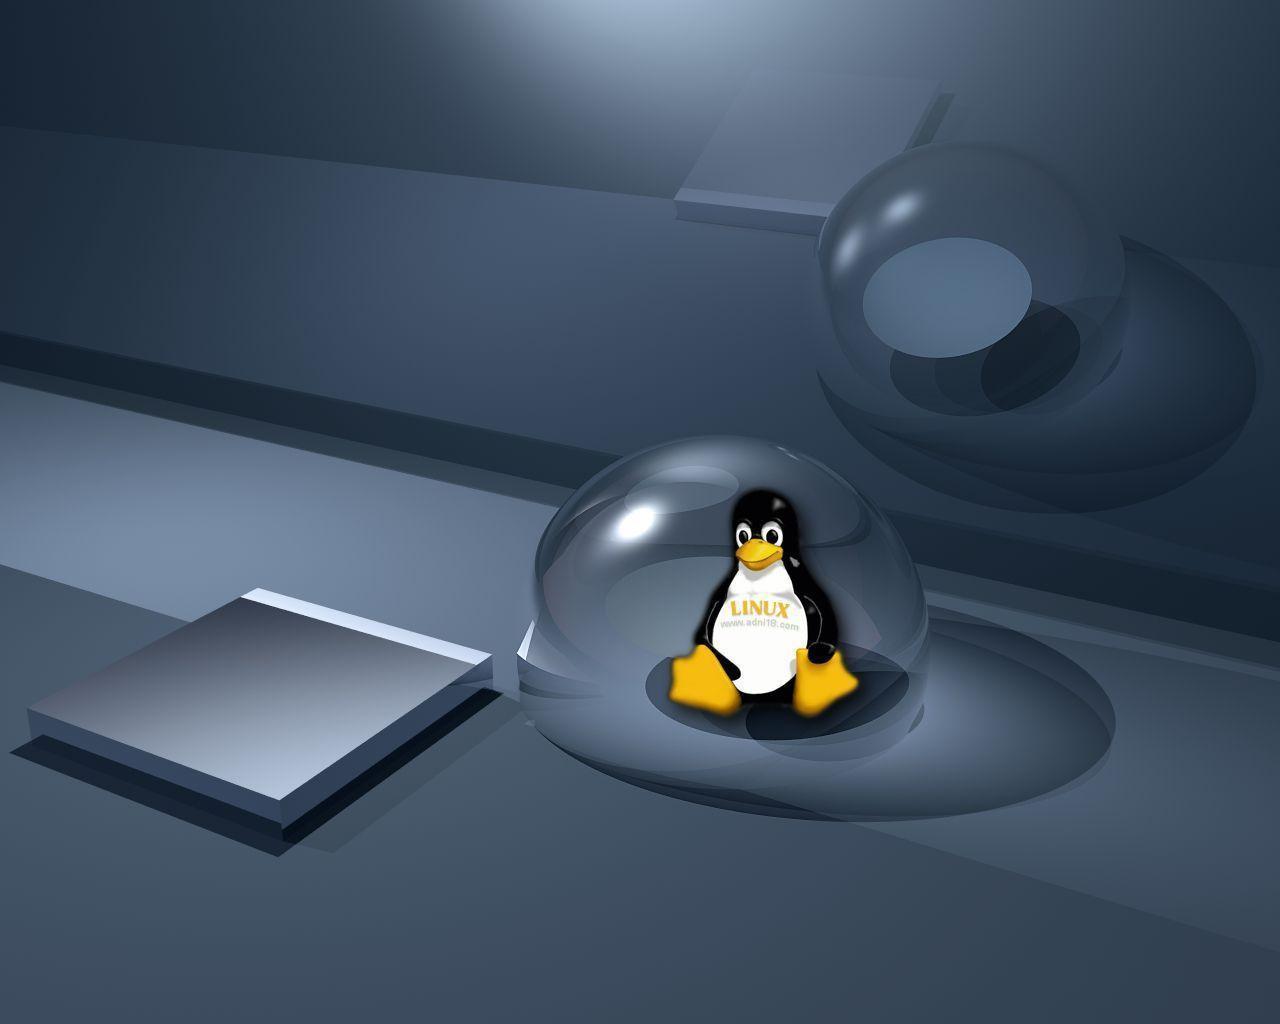 Linux Desktop Wallpapers